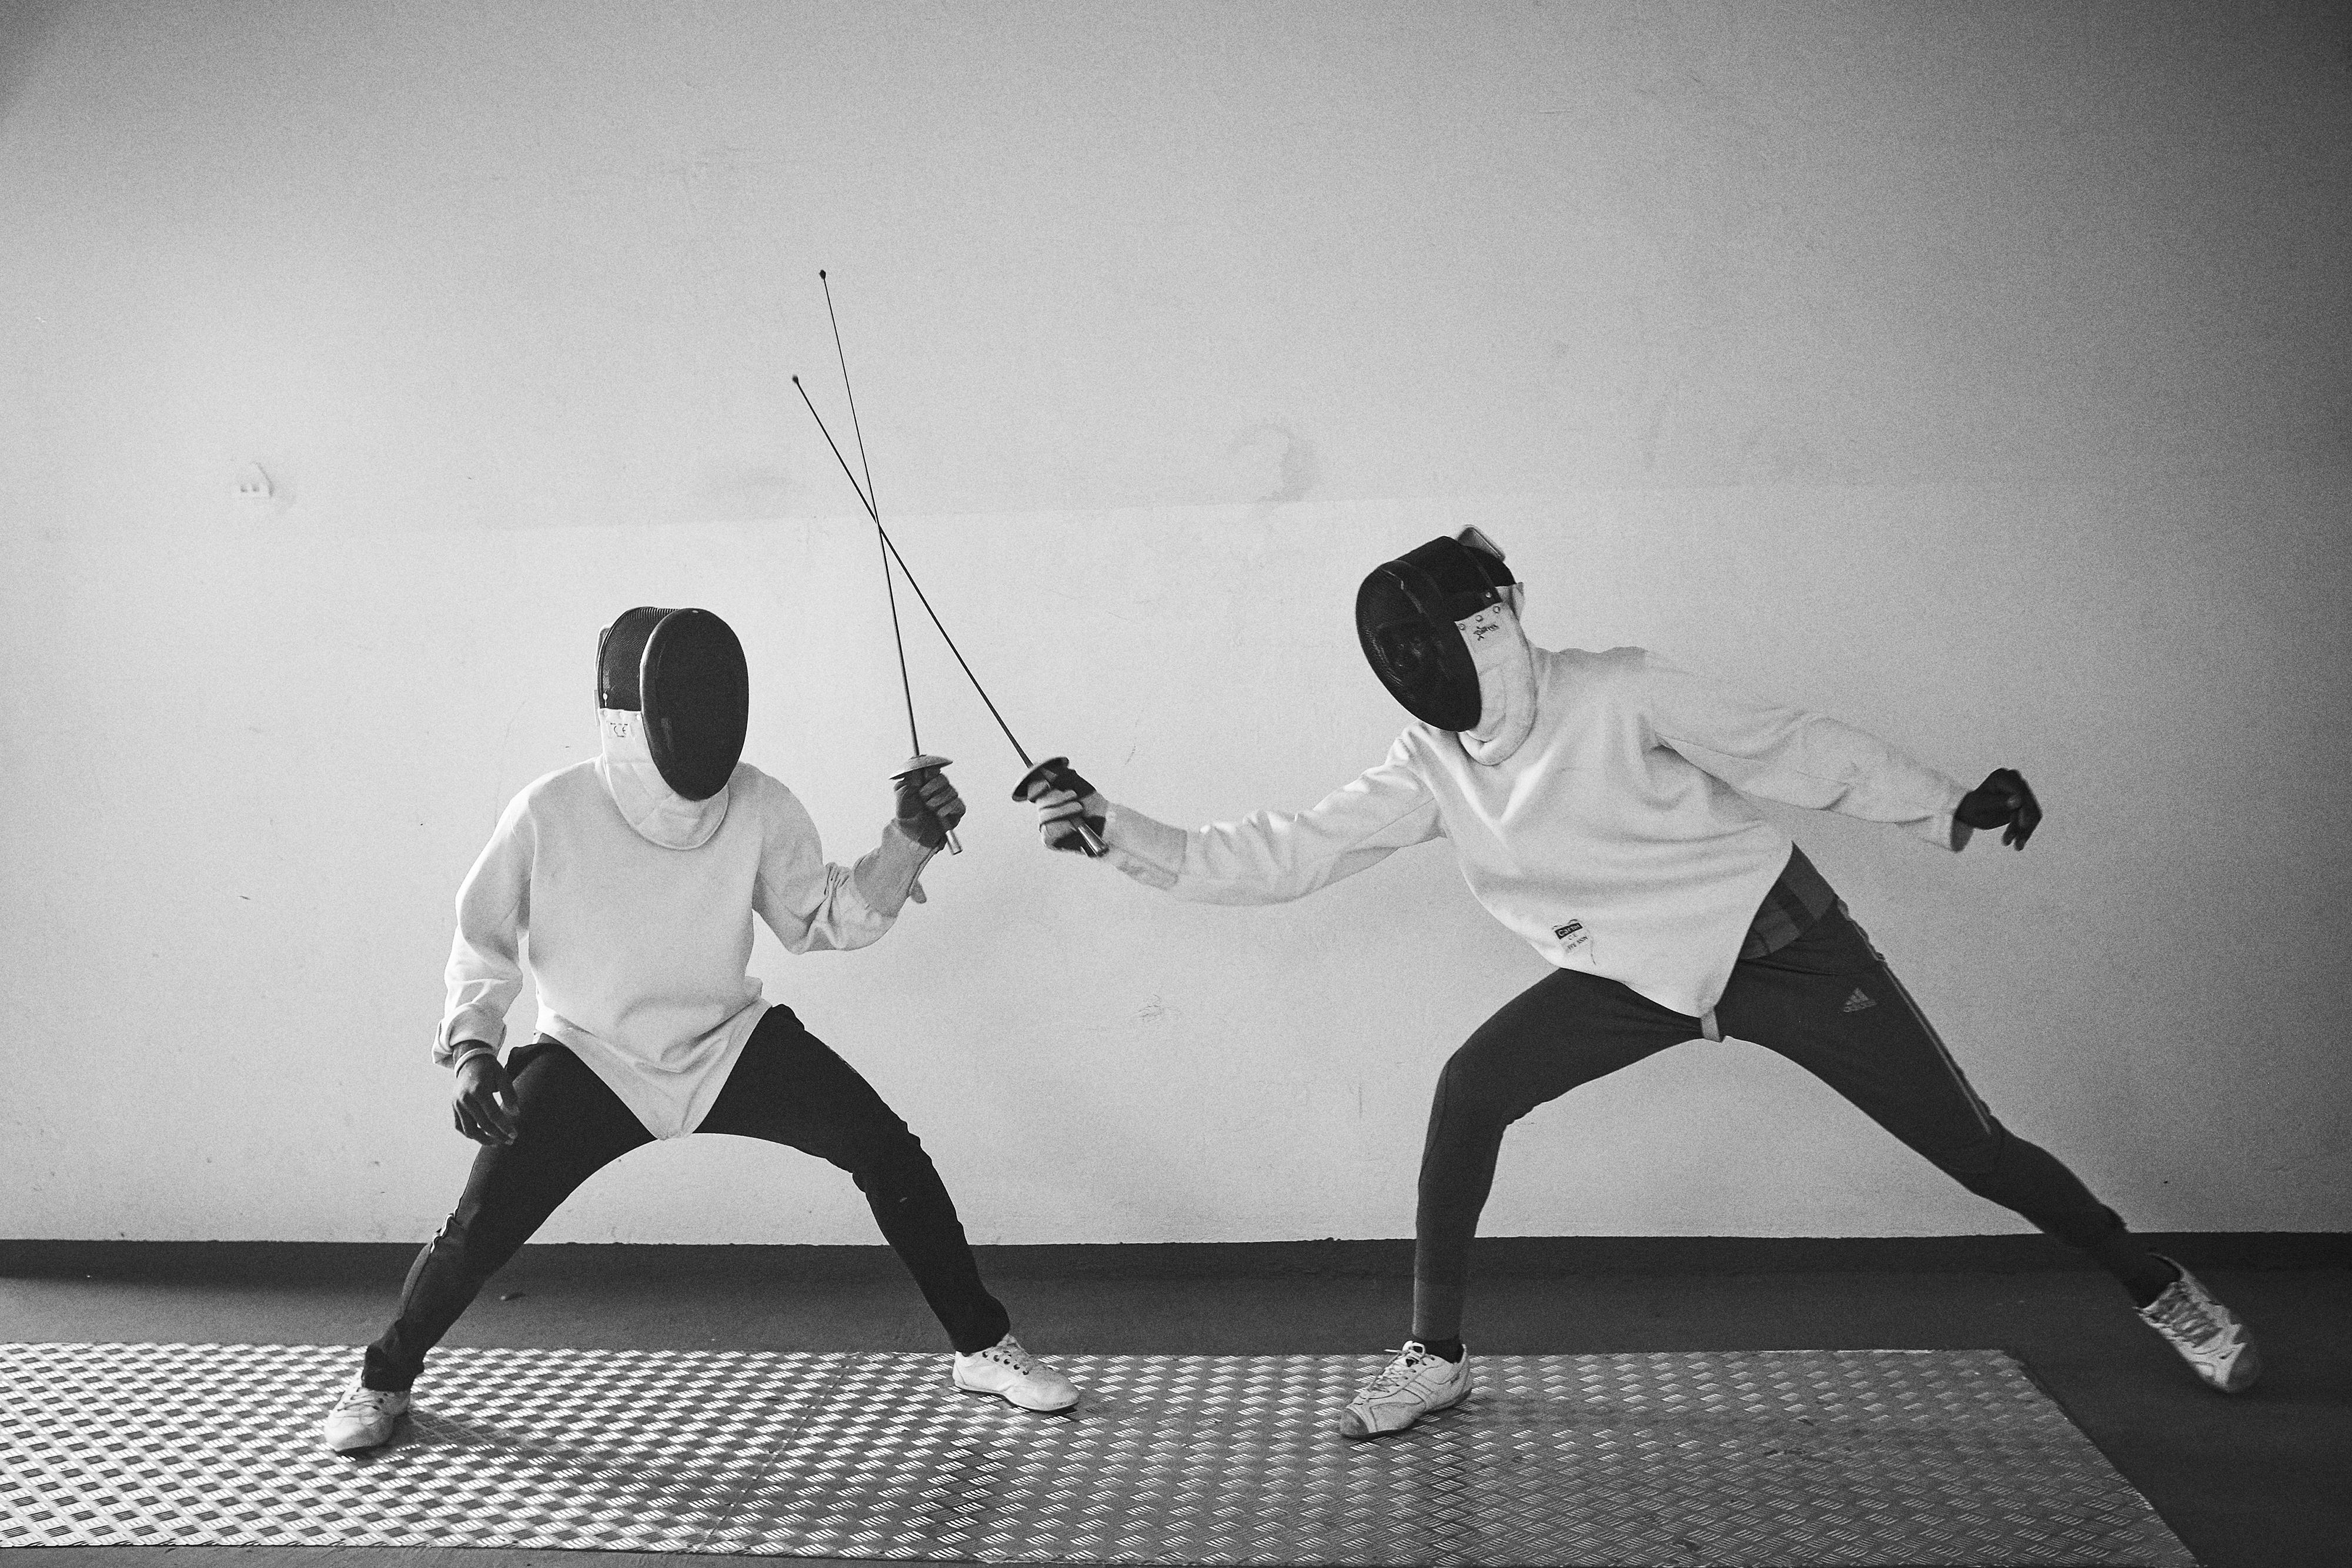 Fencing as restorative justice